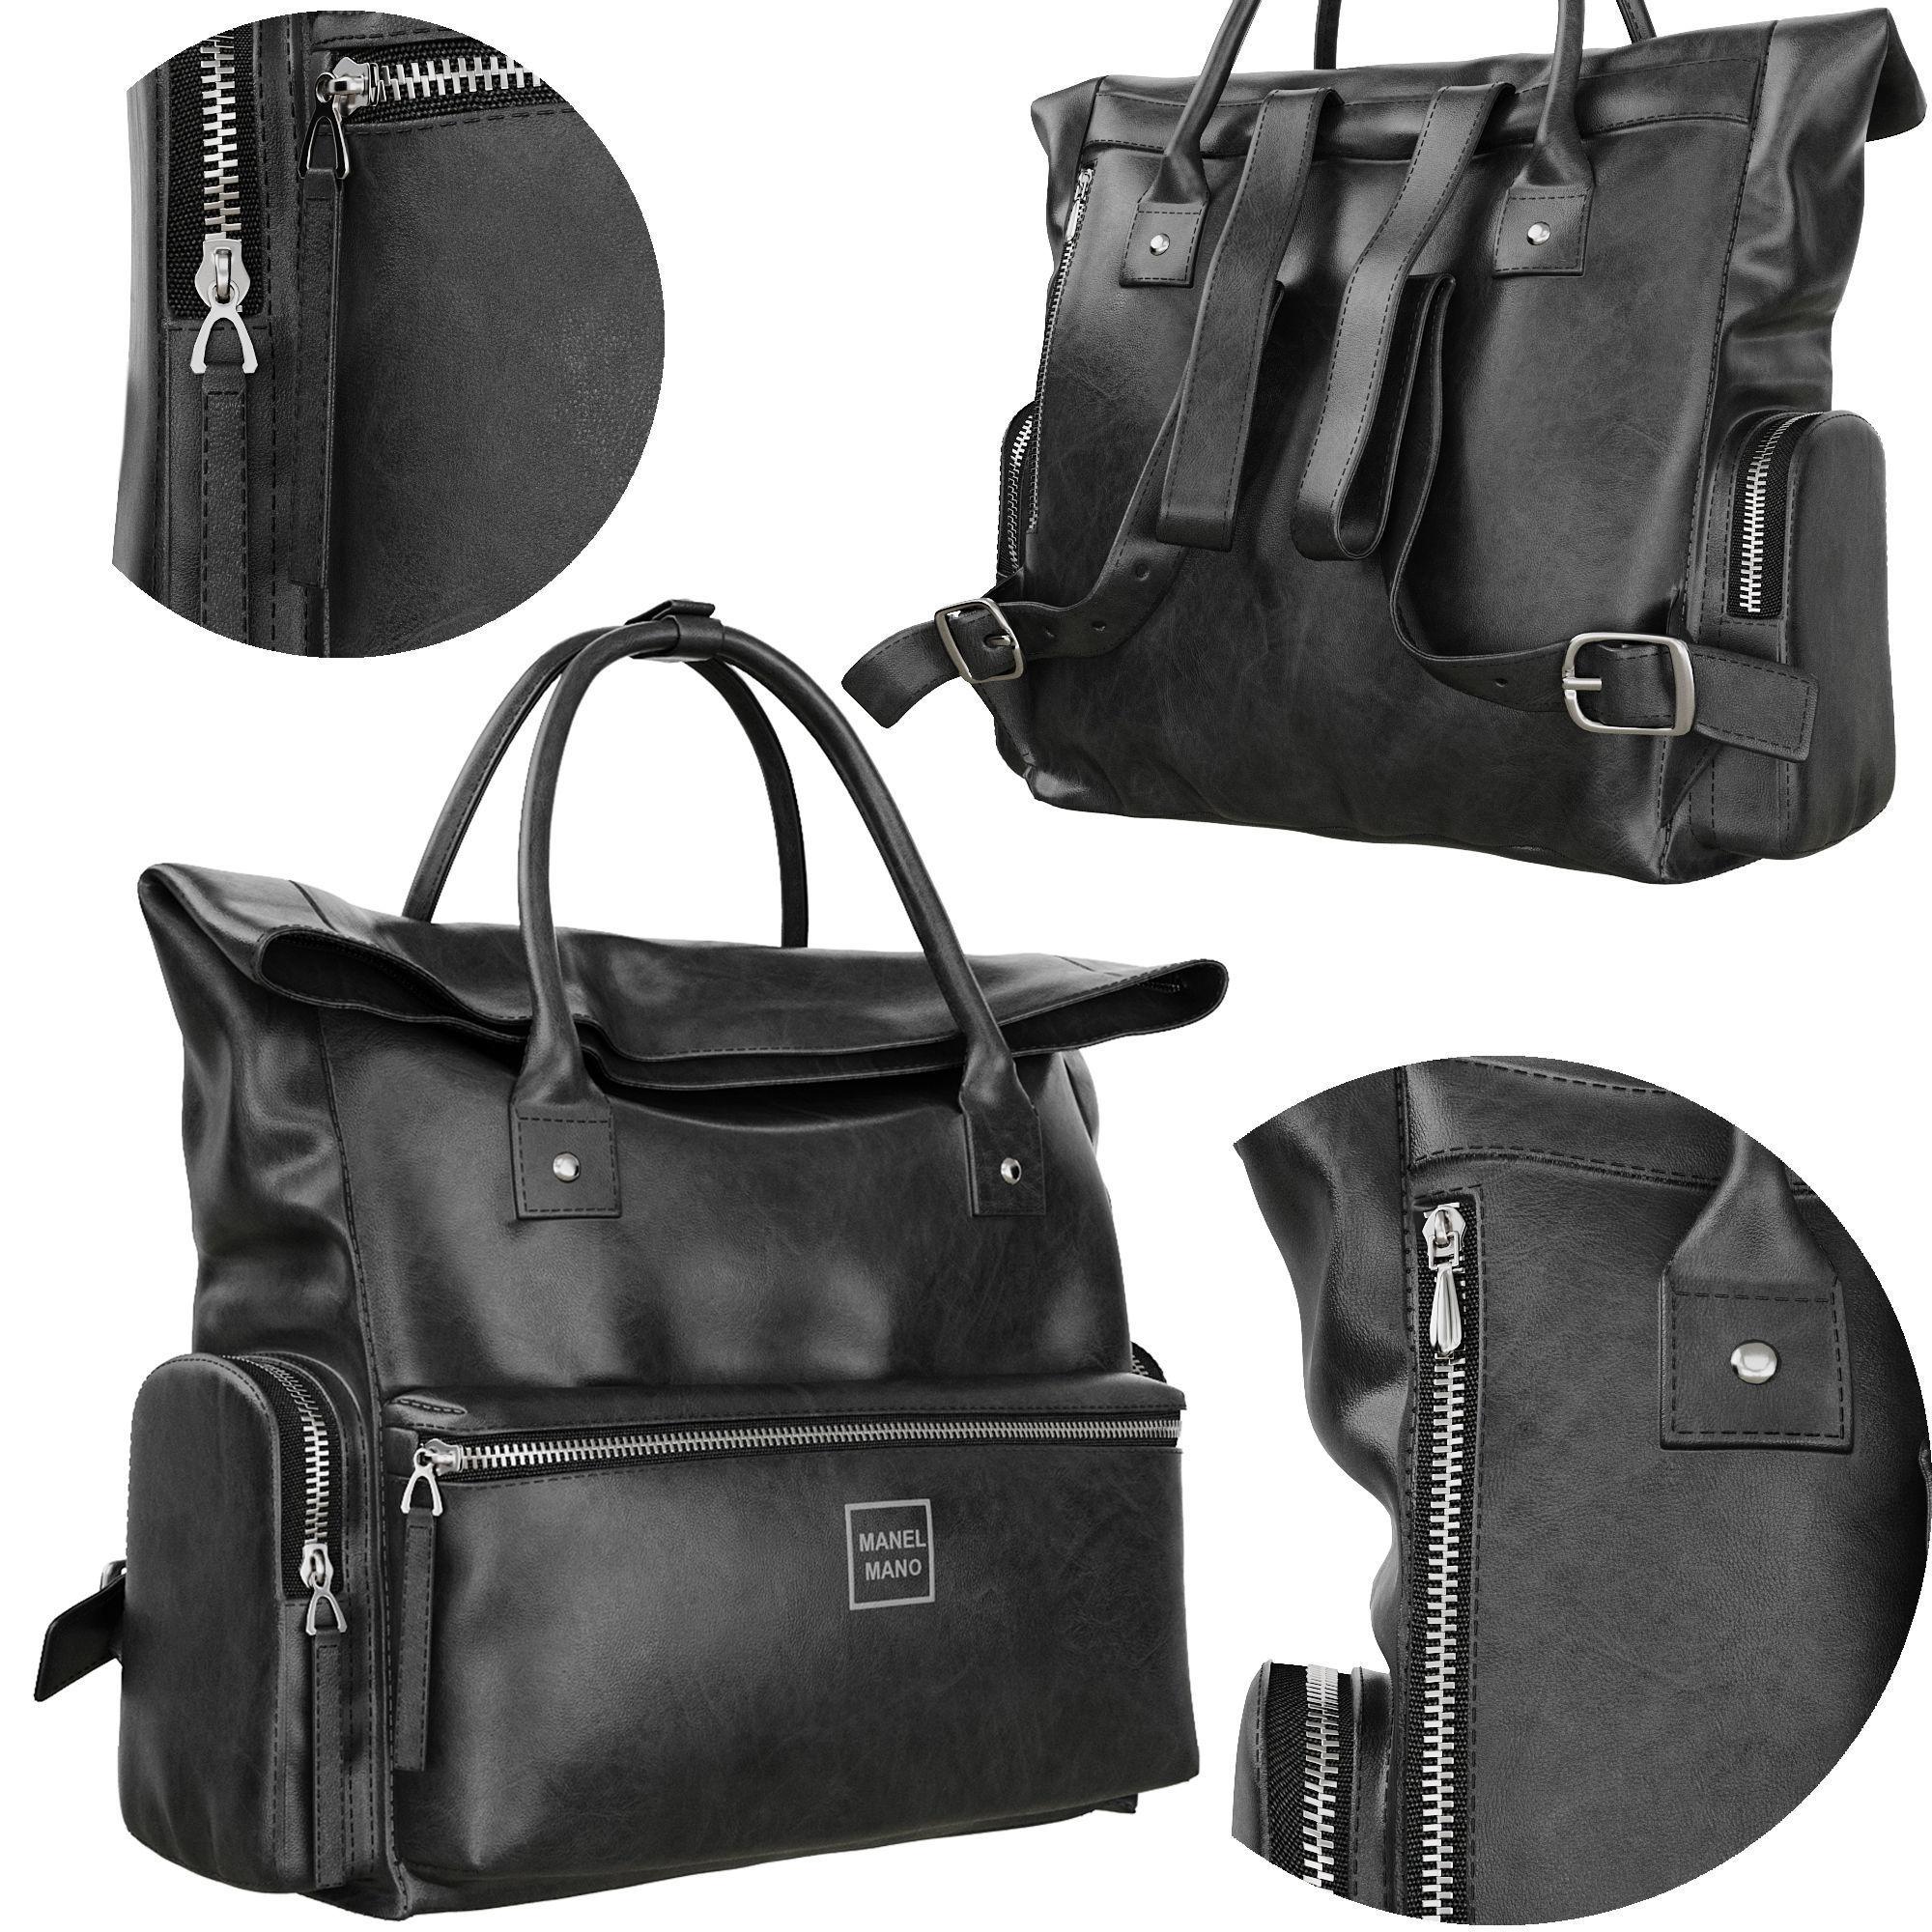 Leather bag Manel Mano